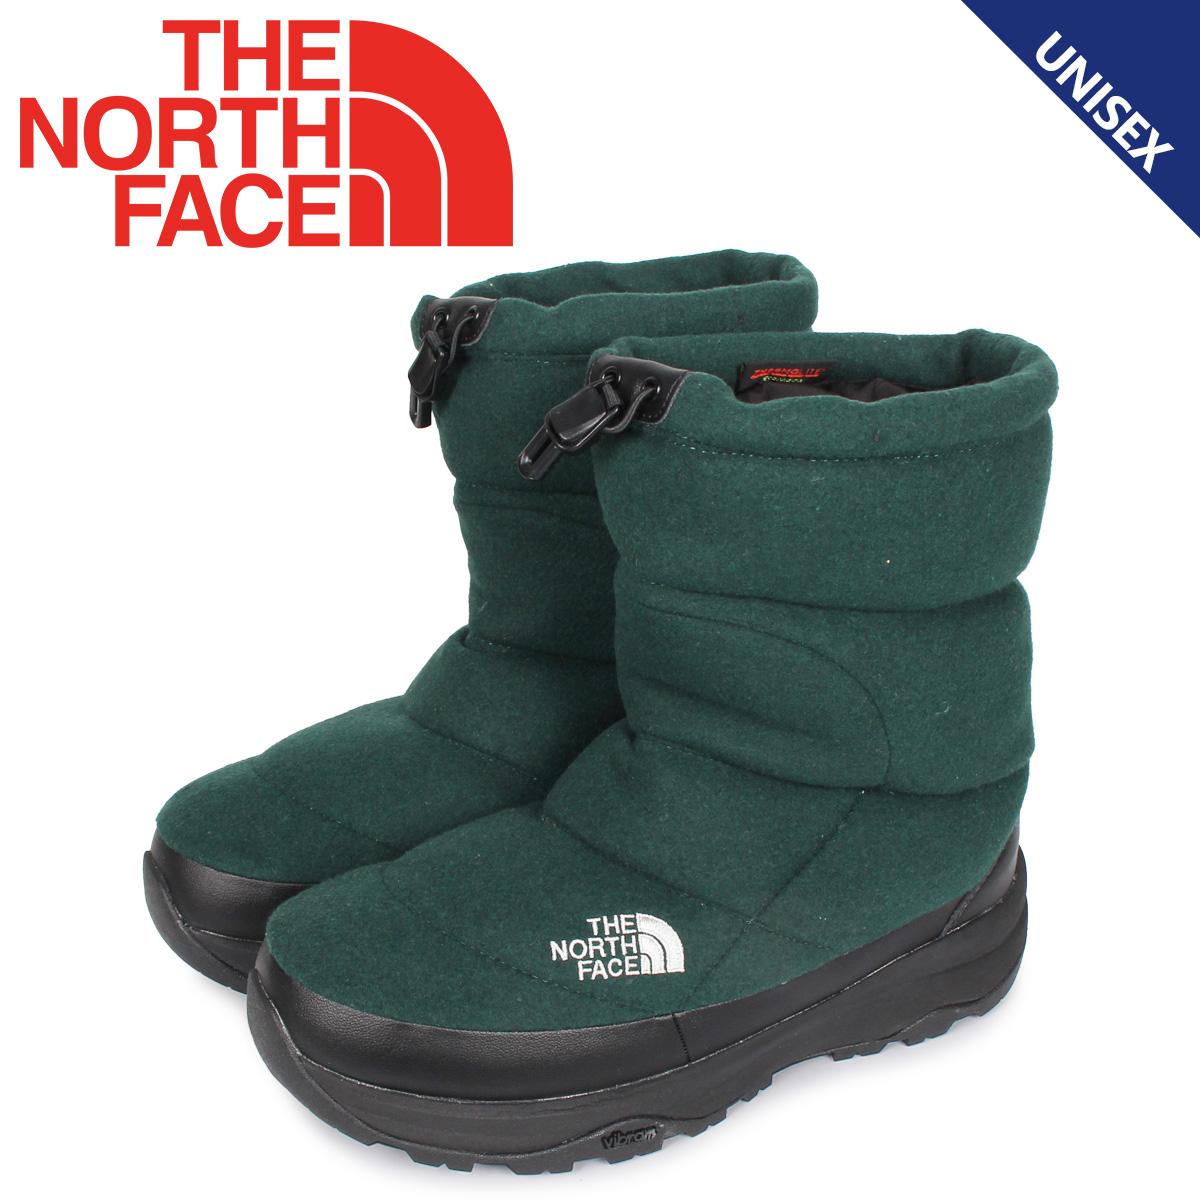 ノースフェイス THE NORTH FACE ヌプシ ブーティ ウール5 ブーツ ウィンターブーツ メンズ レディース NUPTSE BOOTIE WOOL 5 グリーン NF51978